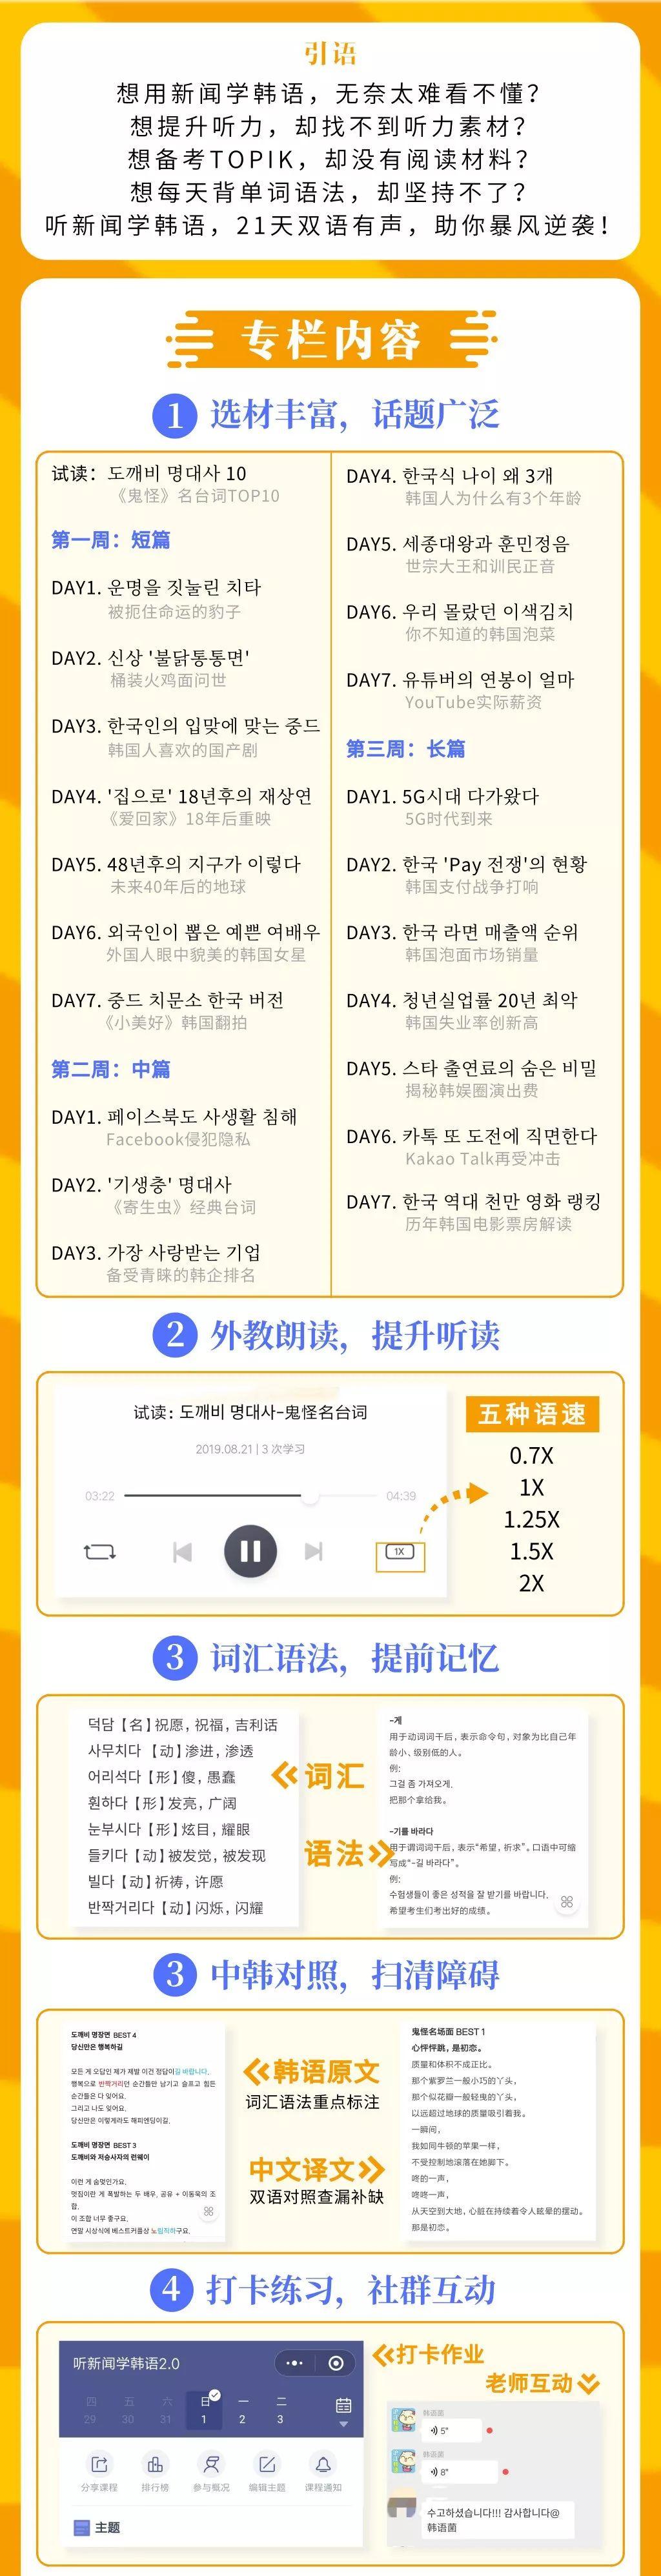 一年,韩语可以学到什么水平?